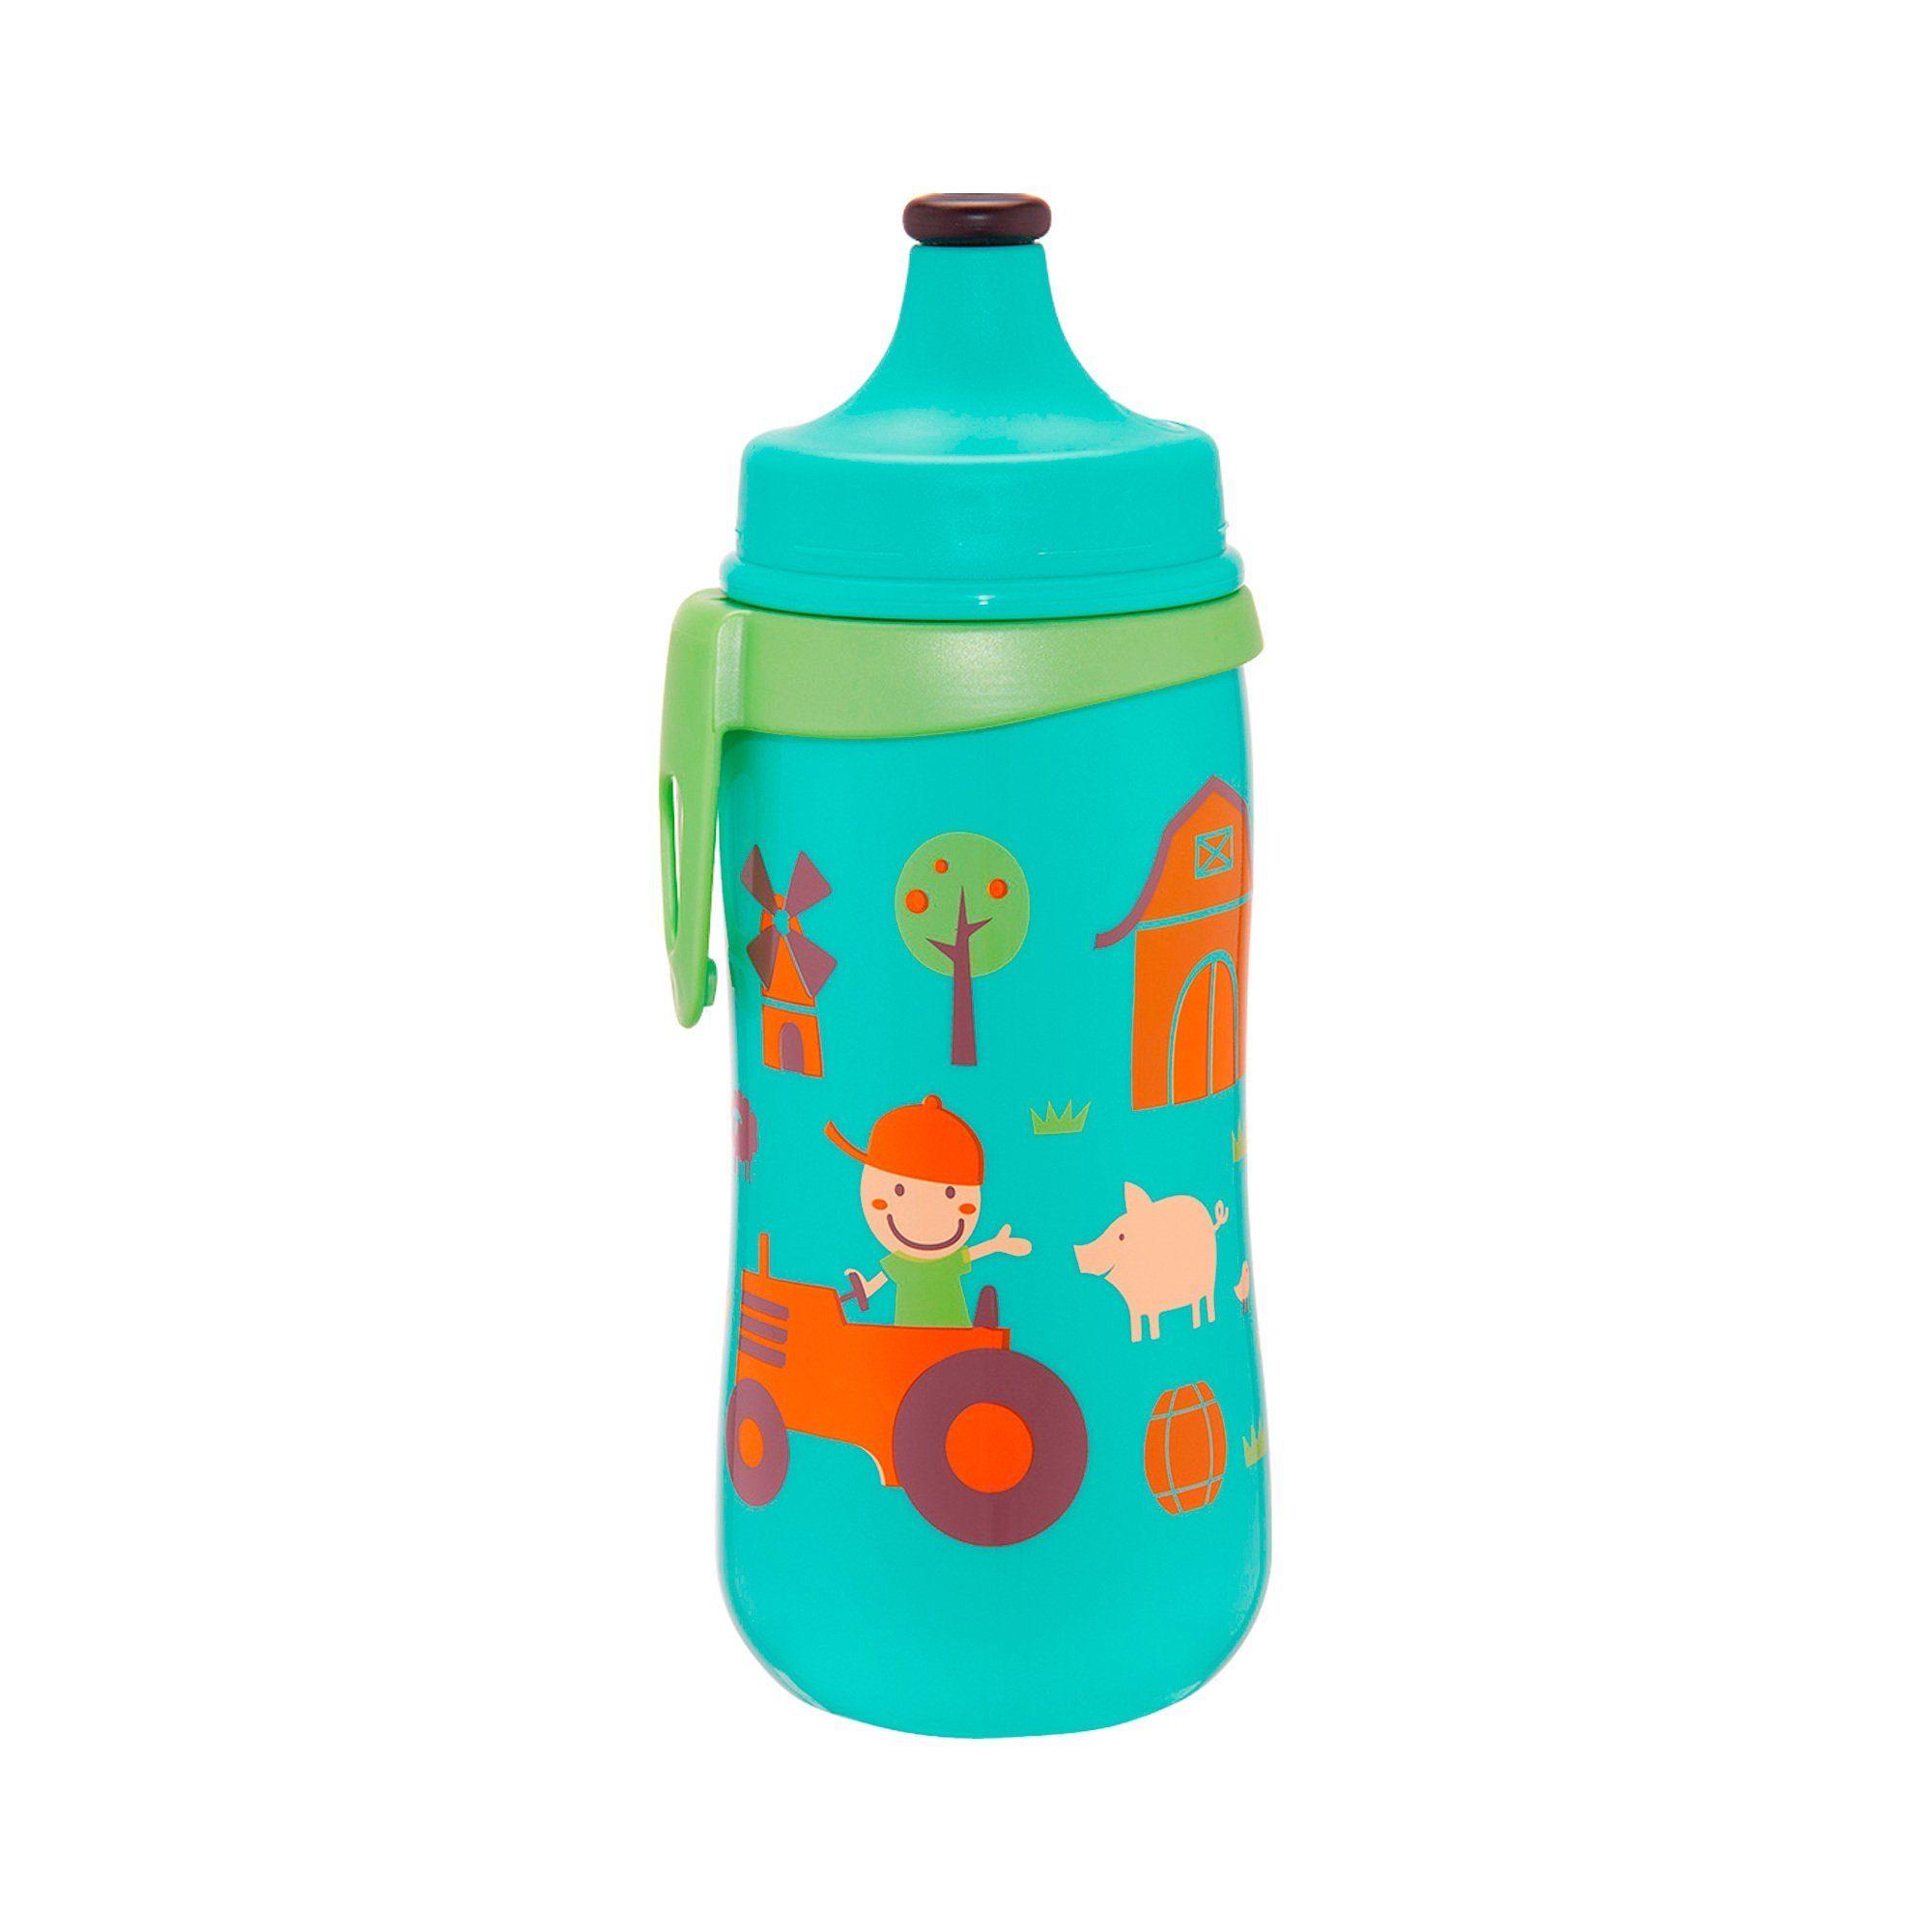 NIP Trinkflasche Kids Cup Bauernhof